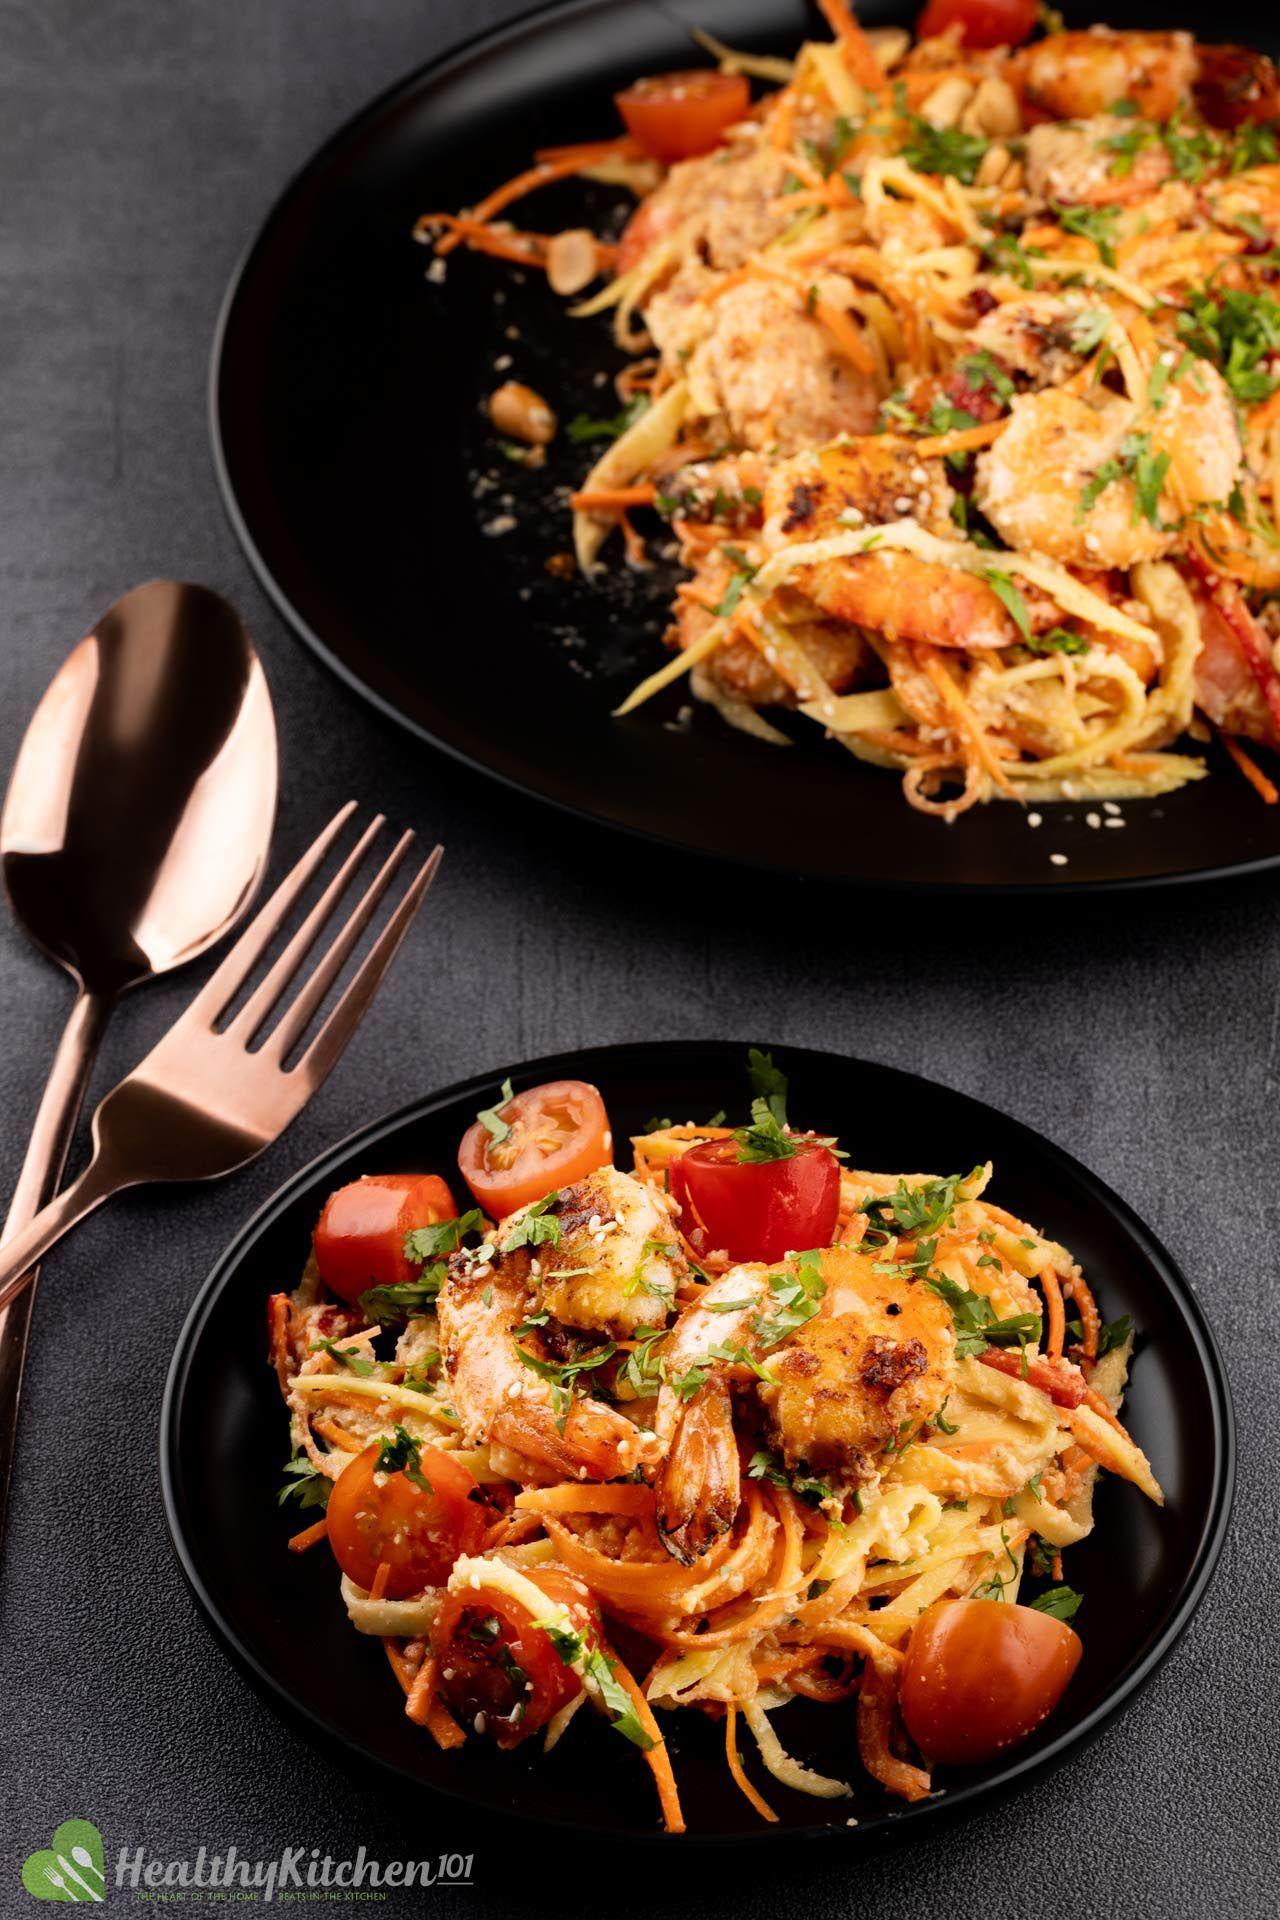 Healthy Thai Chicken Curry Recipe Healthykitchen101 4